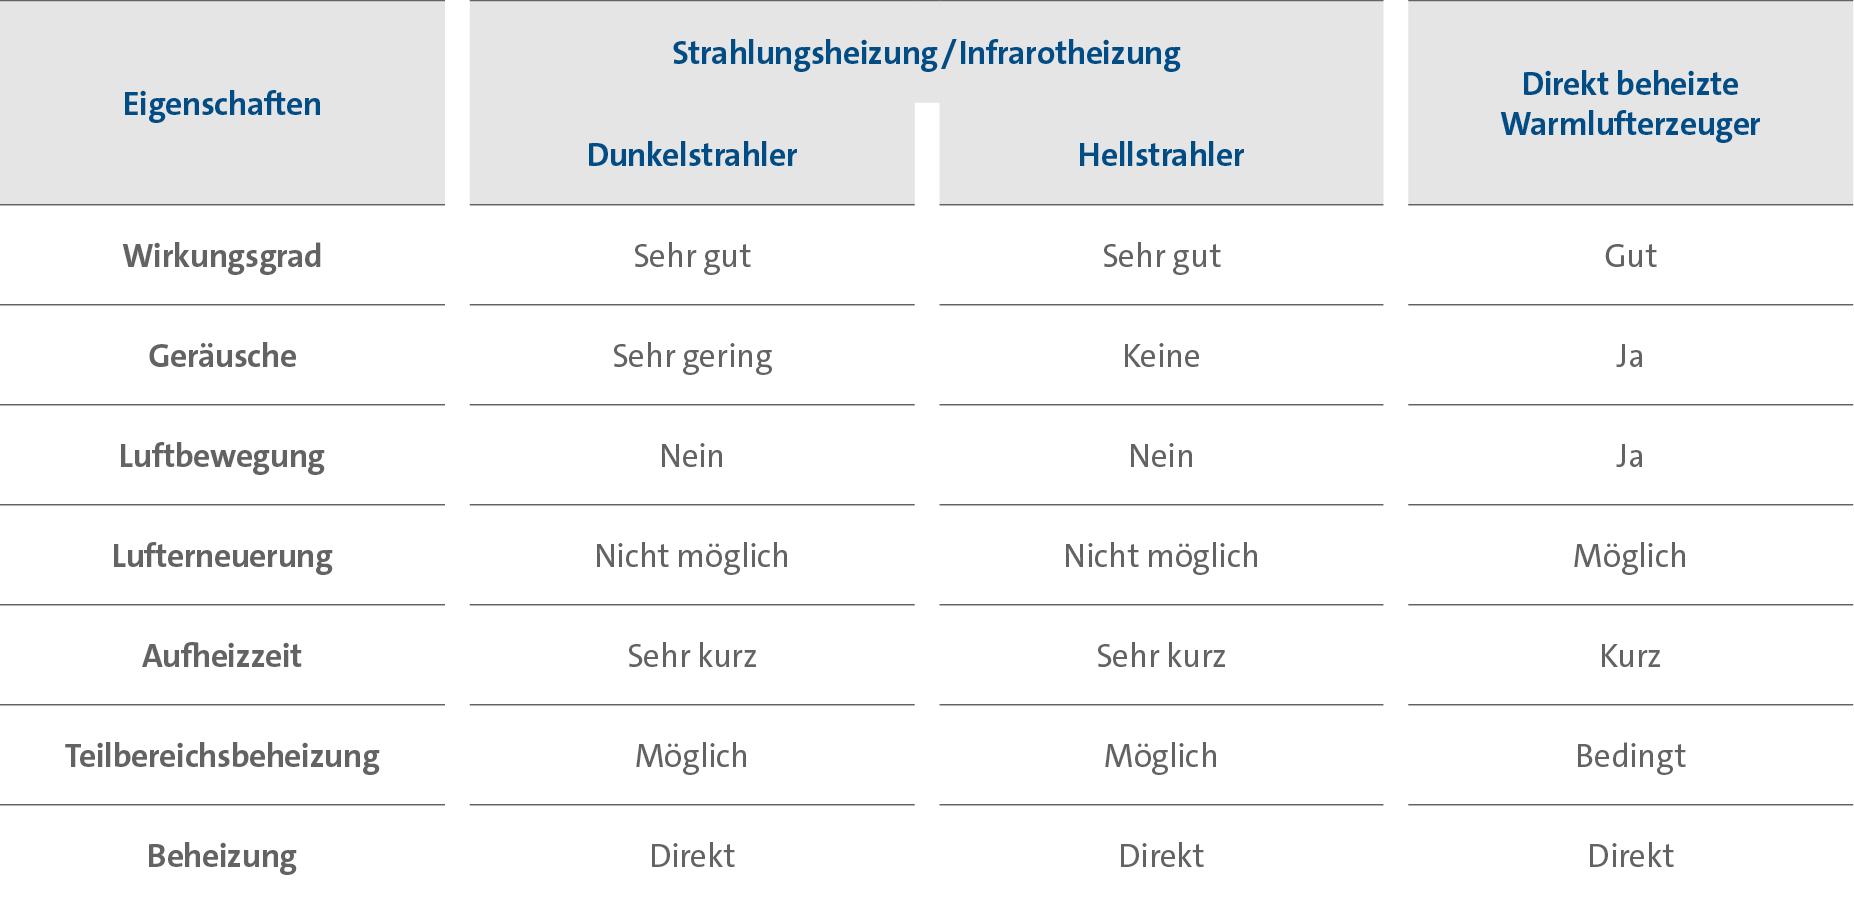 Tabelle: Eignung von flüssiggasbetriebenen Hallenheizungen (Dunkelstrahler, Hellstrahler, direkt beheizte Wamlufterzeuger).